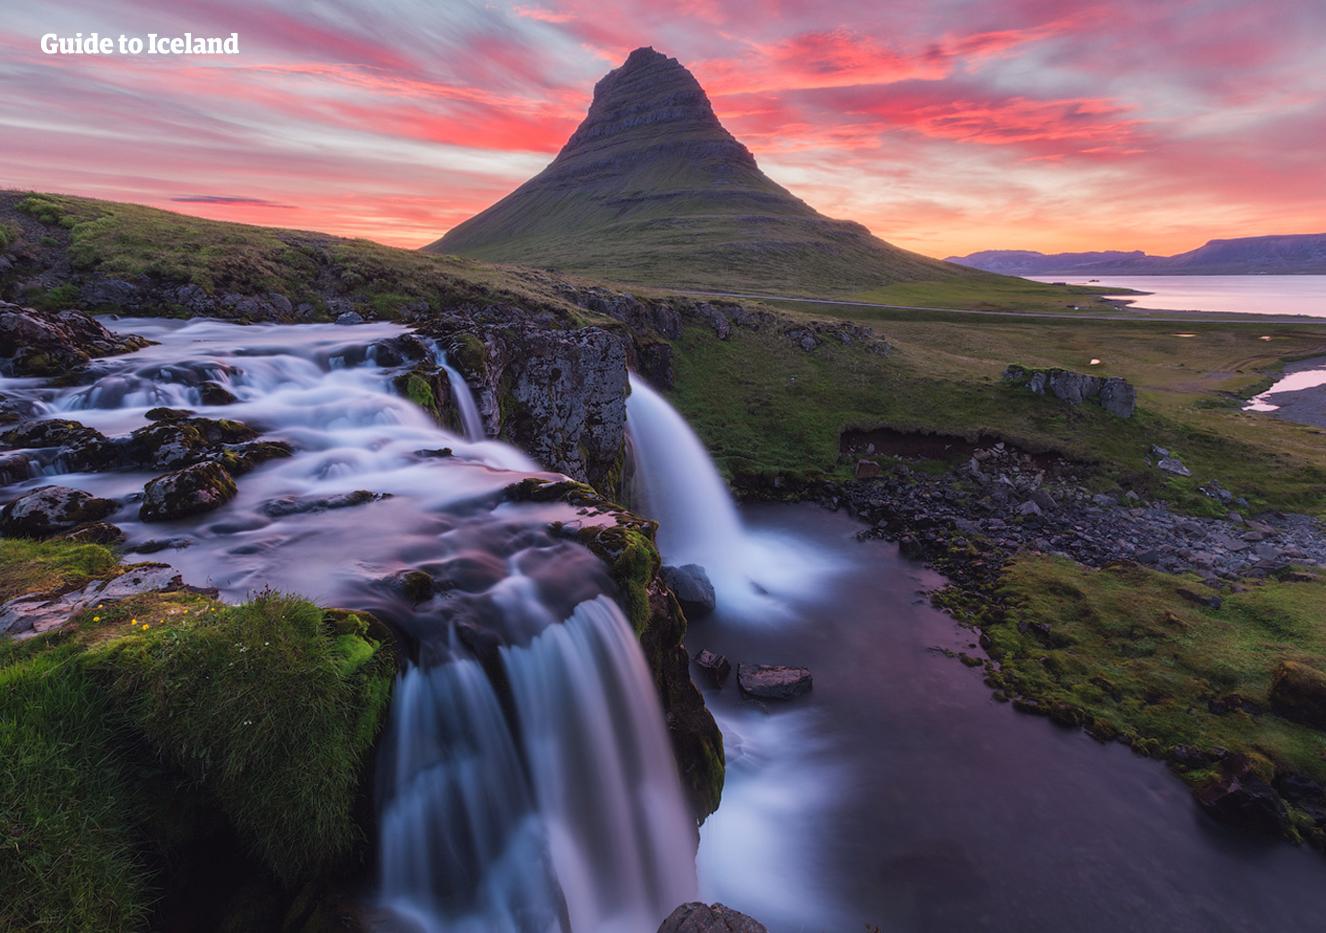 9-dniowa, samodzielna wycieczka organizowana latem po całej obwodnicy Islandii ze szczególnym uwzględnieniem południowego wybrzeża - day 2